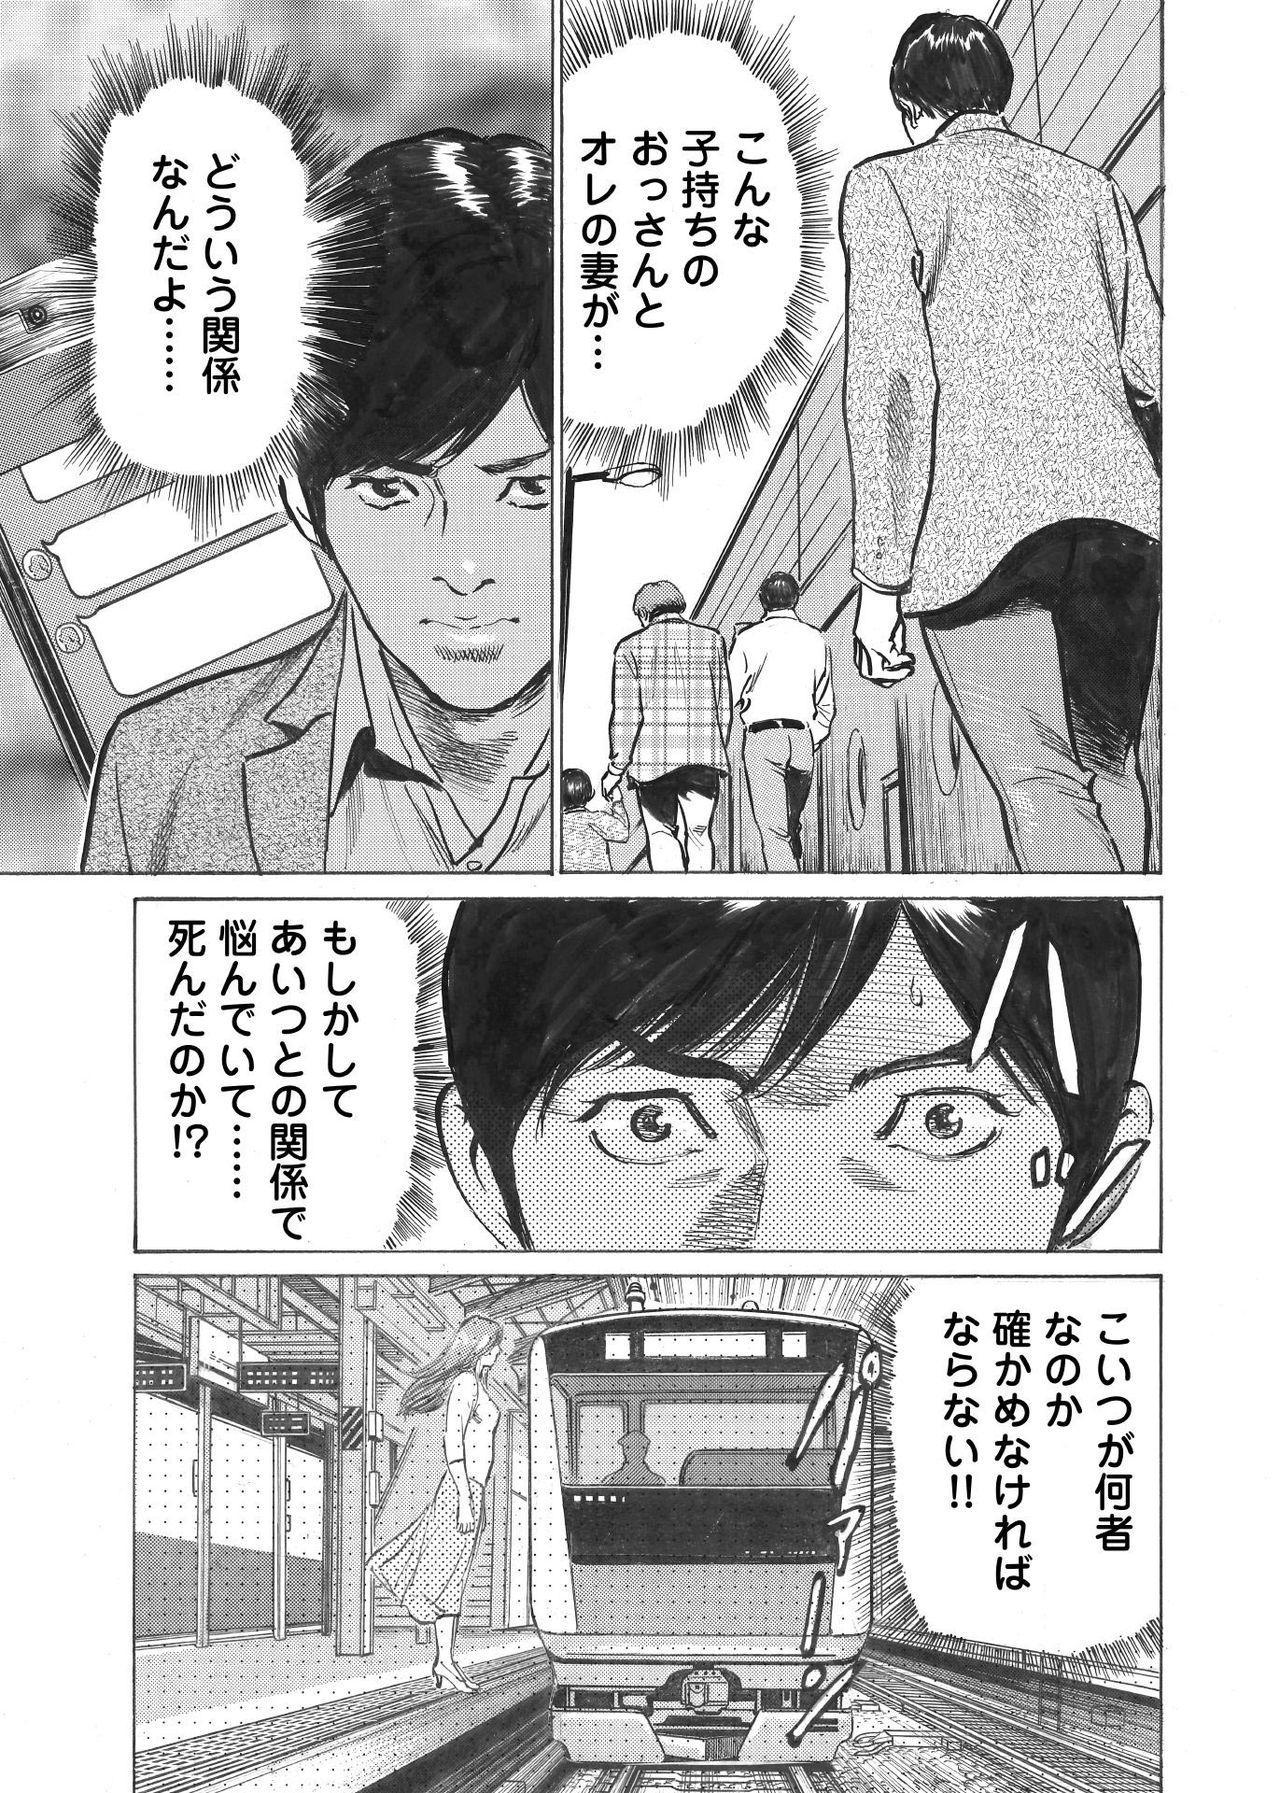 Ore wa Tsuma no Koto o Yoku Shiranai 1-9 41